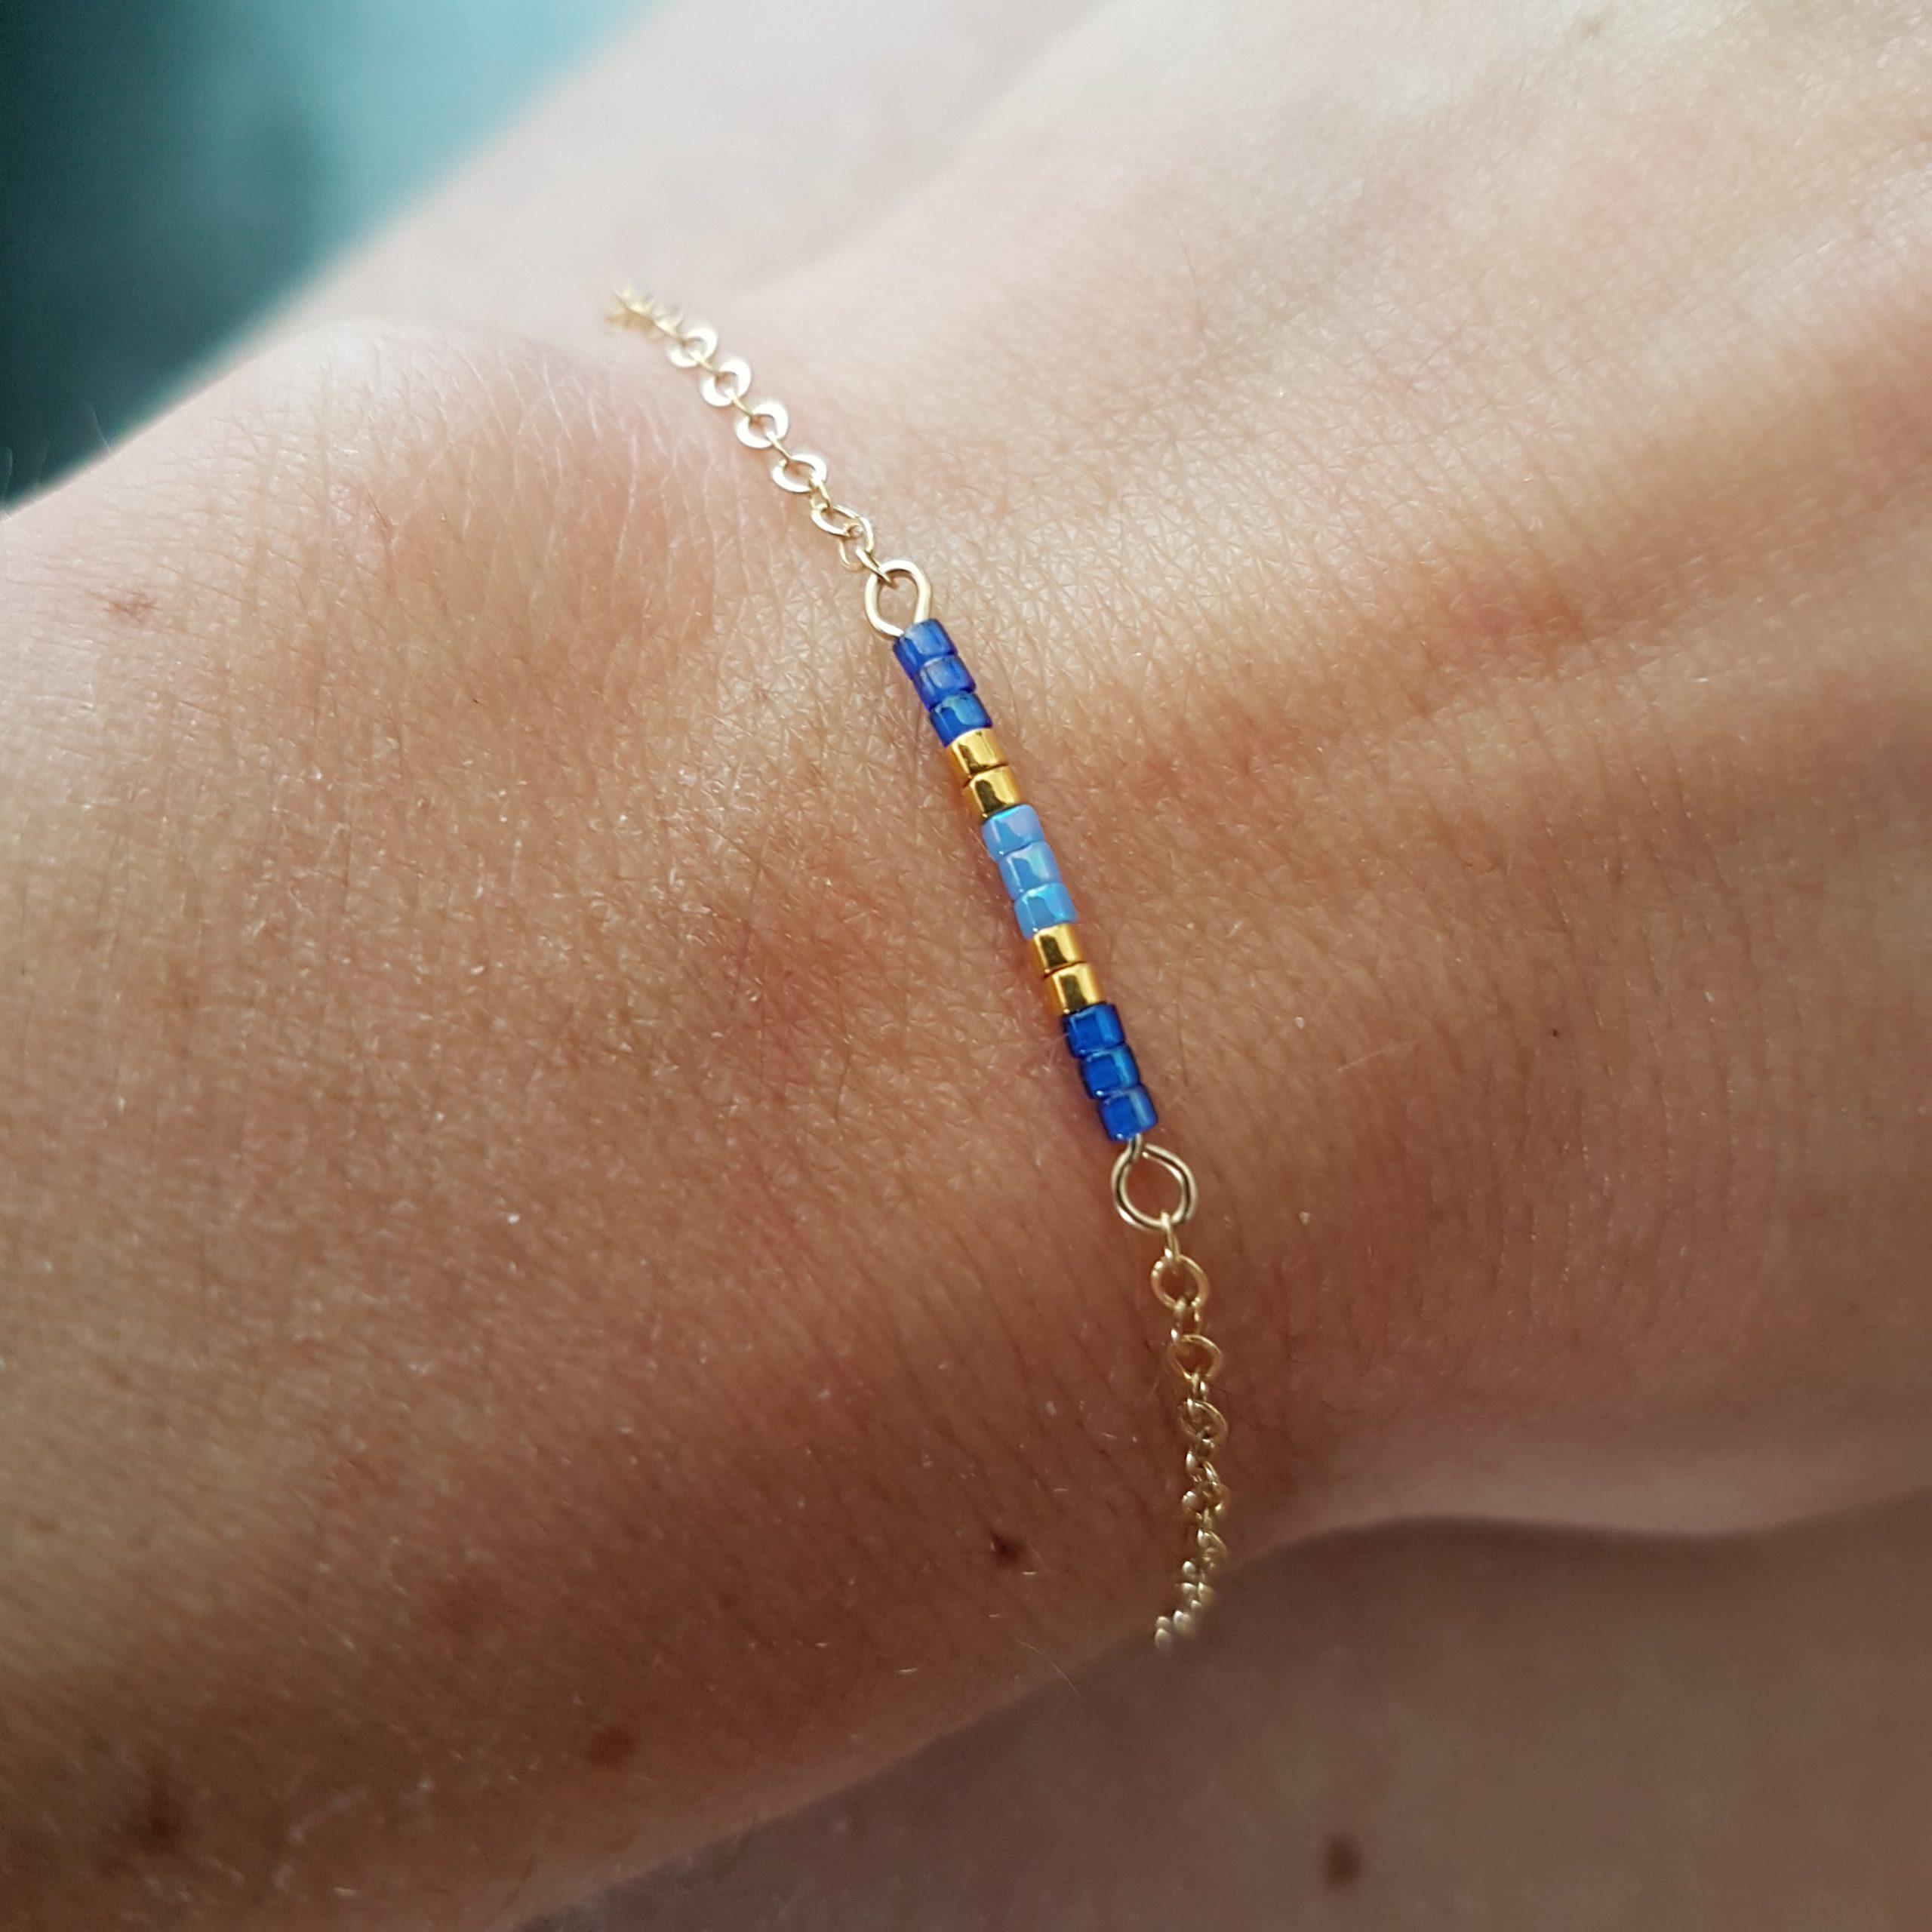 Cadeau Bijou artisanal lyon Bracelet Agathe bleu plaqué or miyuki